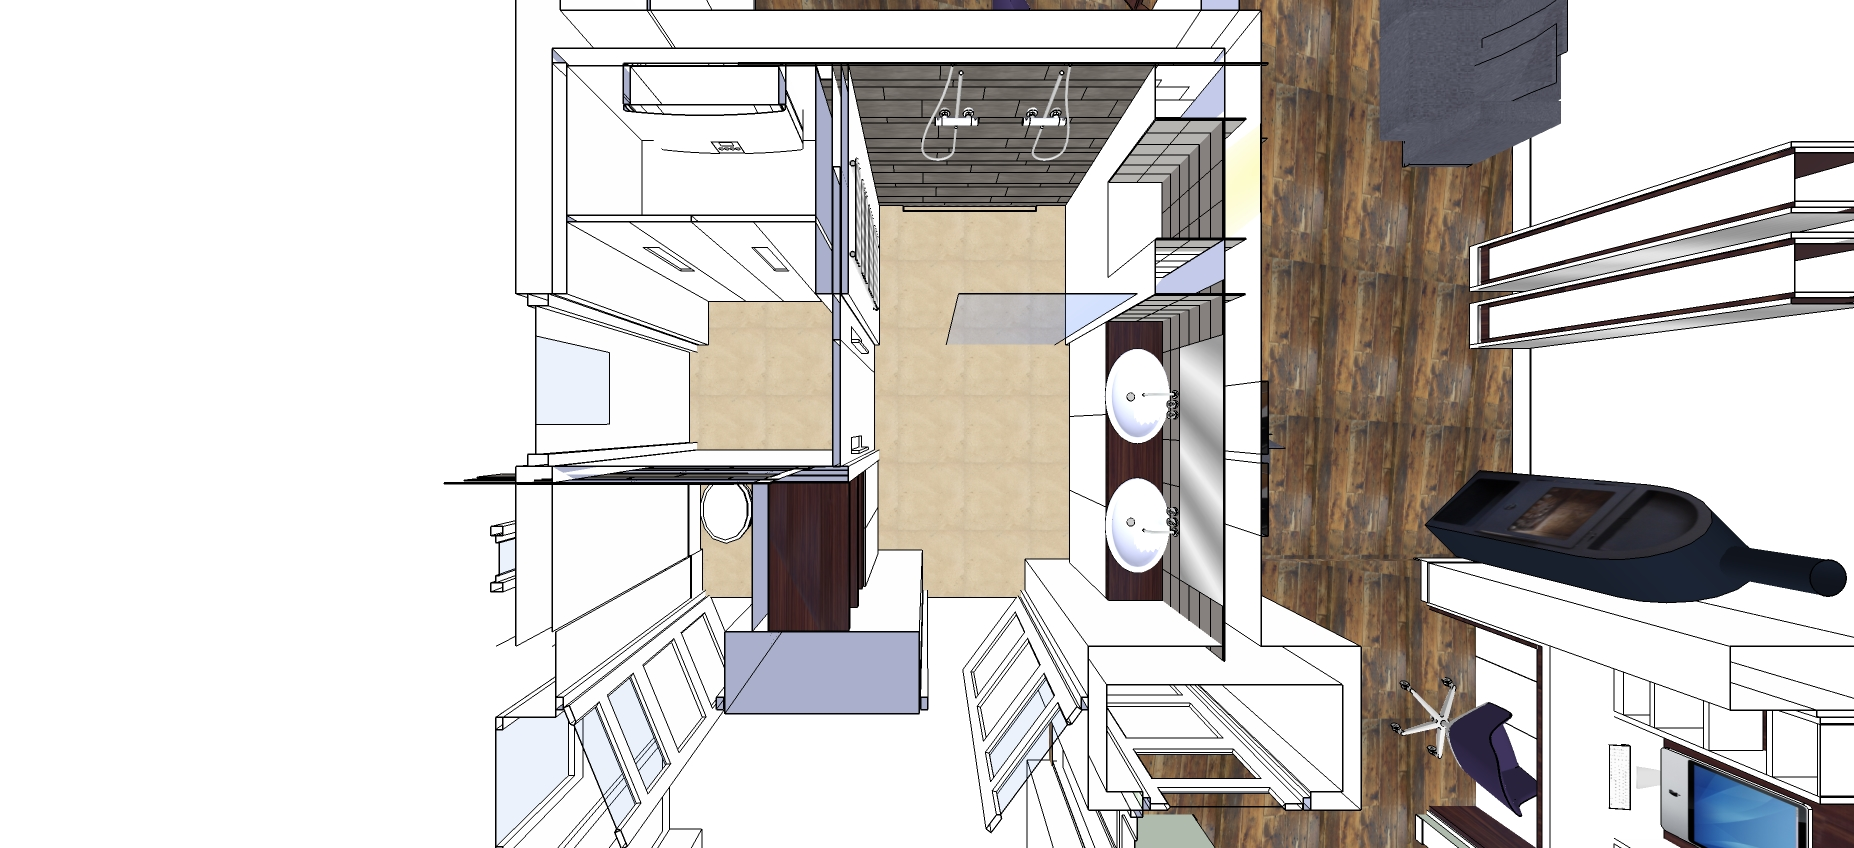 Woning \'s Gravendeel badkamer – INJOY